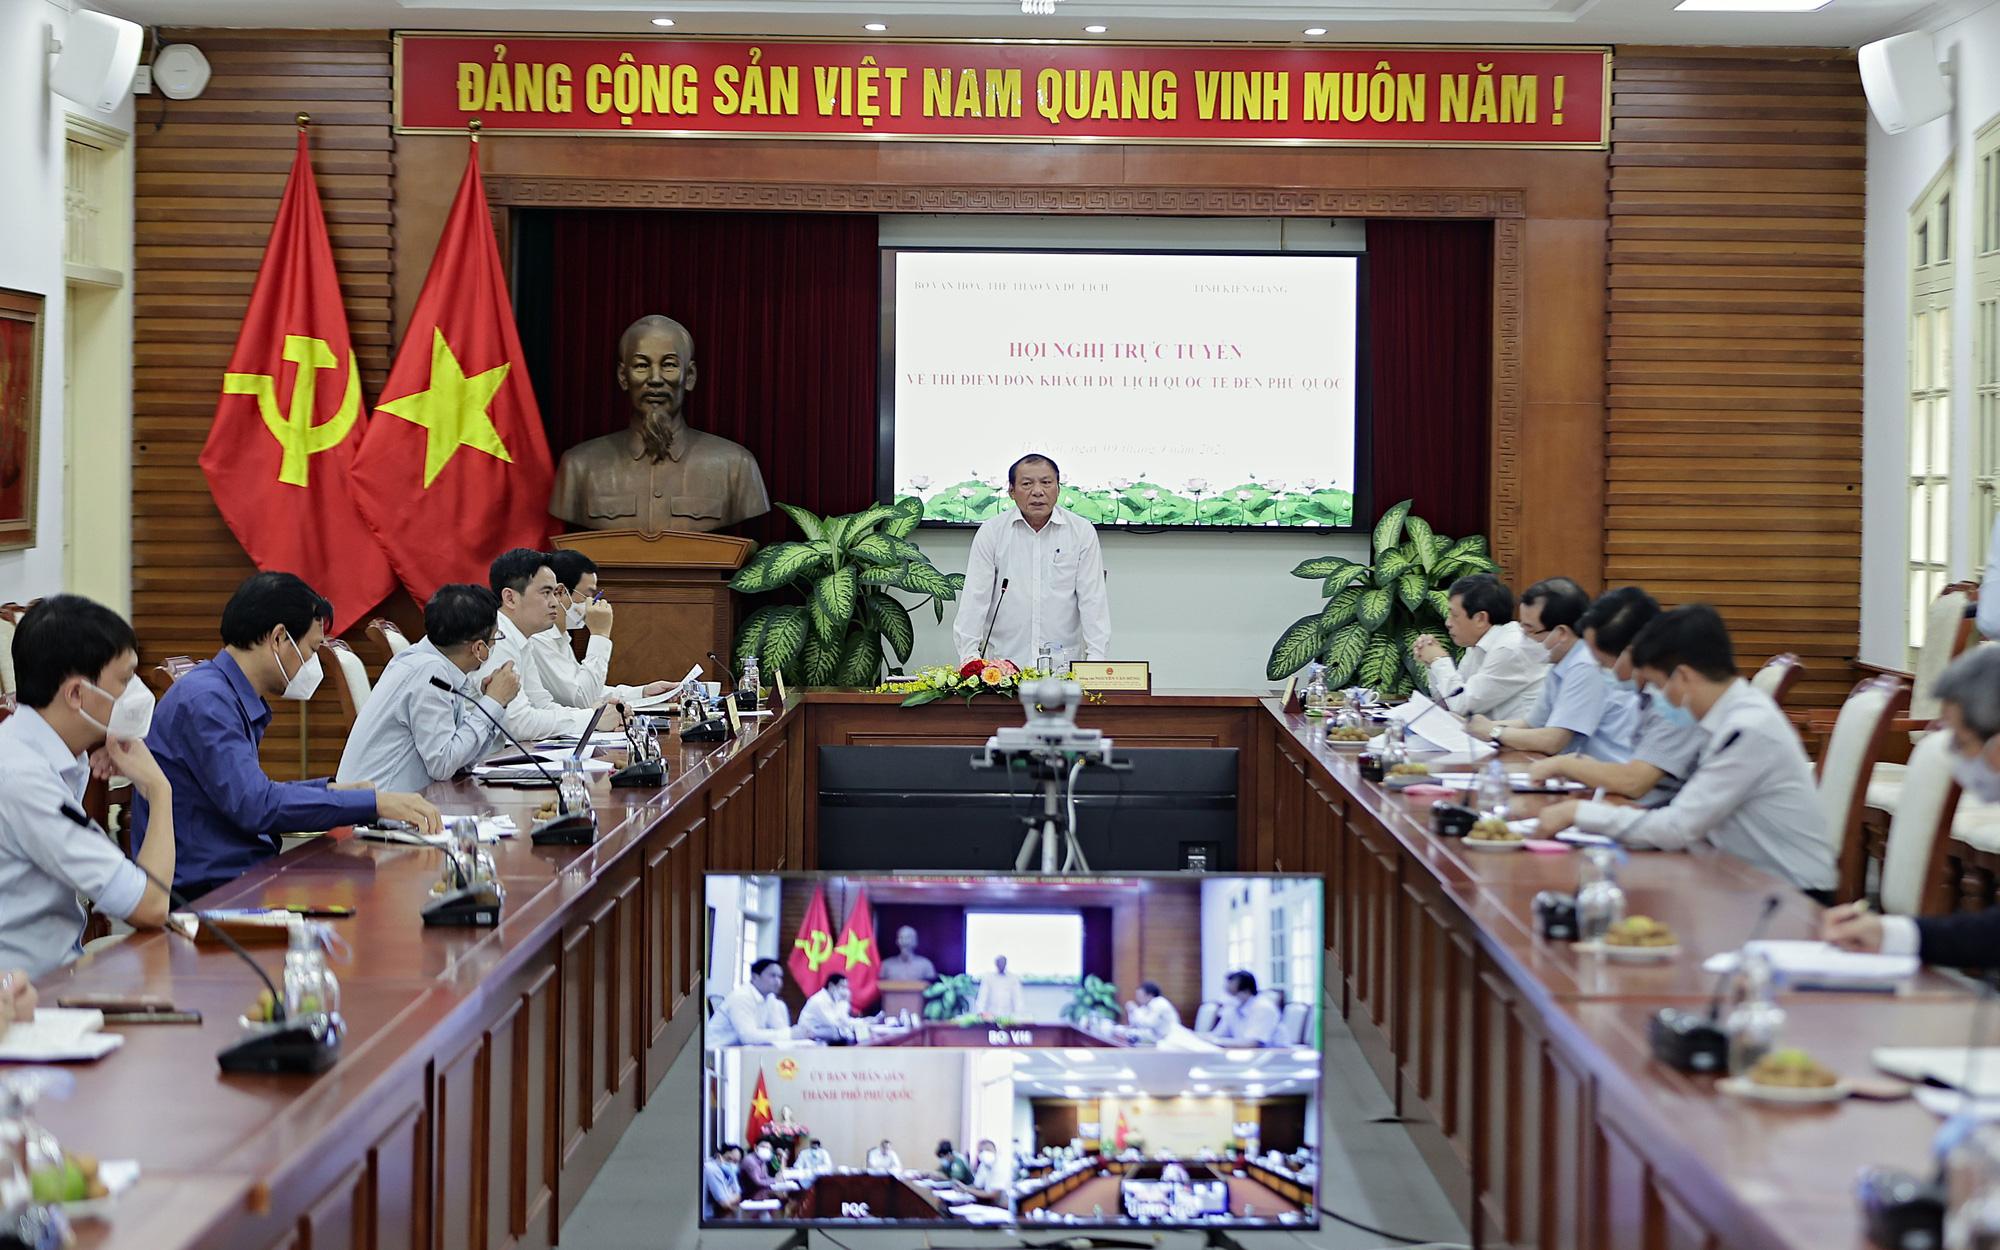 Chuẩn bị thí điểm đón khách quốc tế tới Phú Quốc: Bộ trưởng Nguyễn Văn Hùng yêu cầu làm tới đâu chắc tới đó